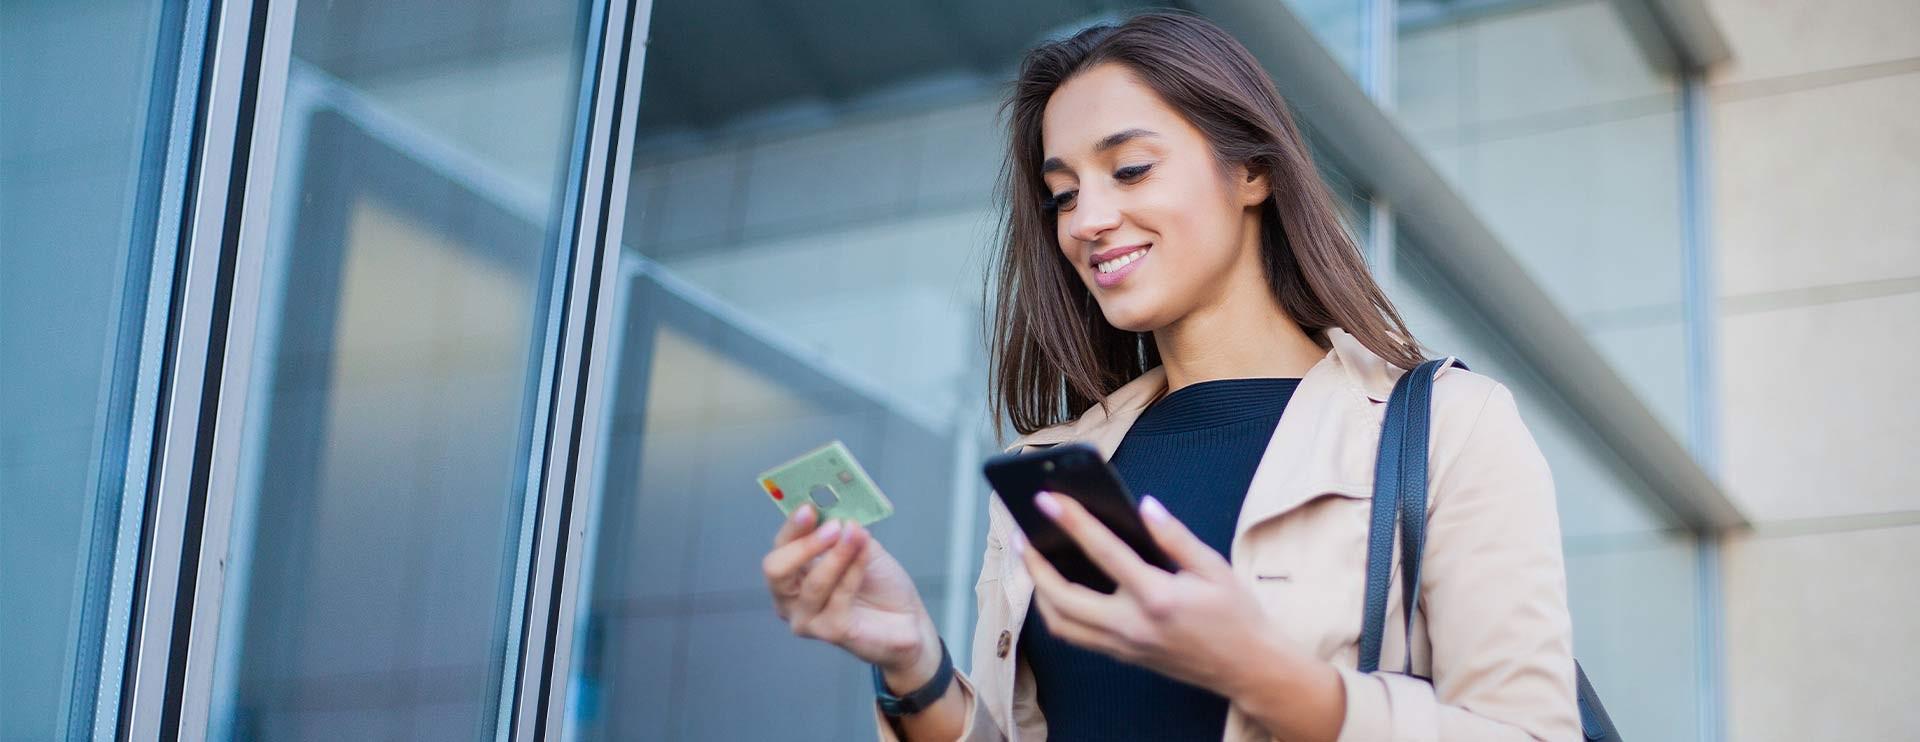 Geschäftsfrau betrachtet AirPlus Corproate Card in ihrer Hand.